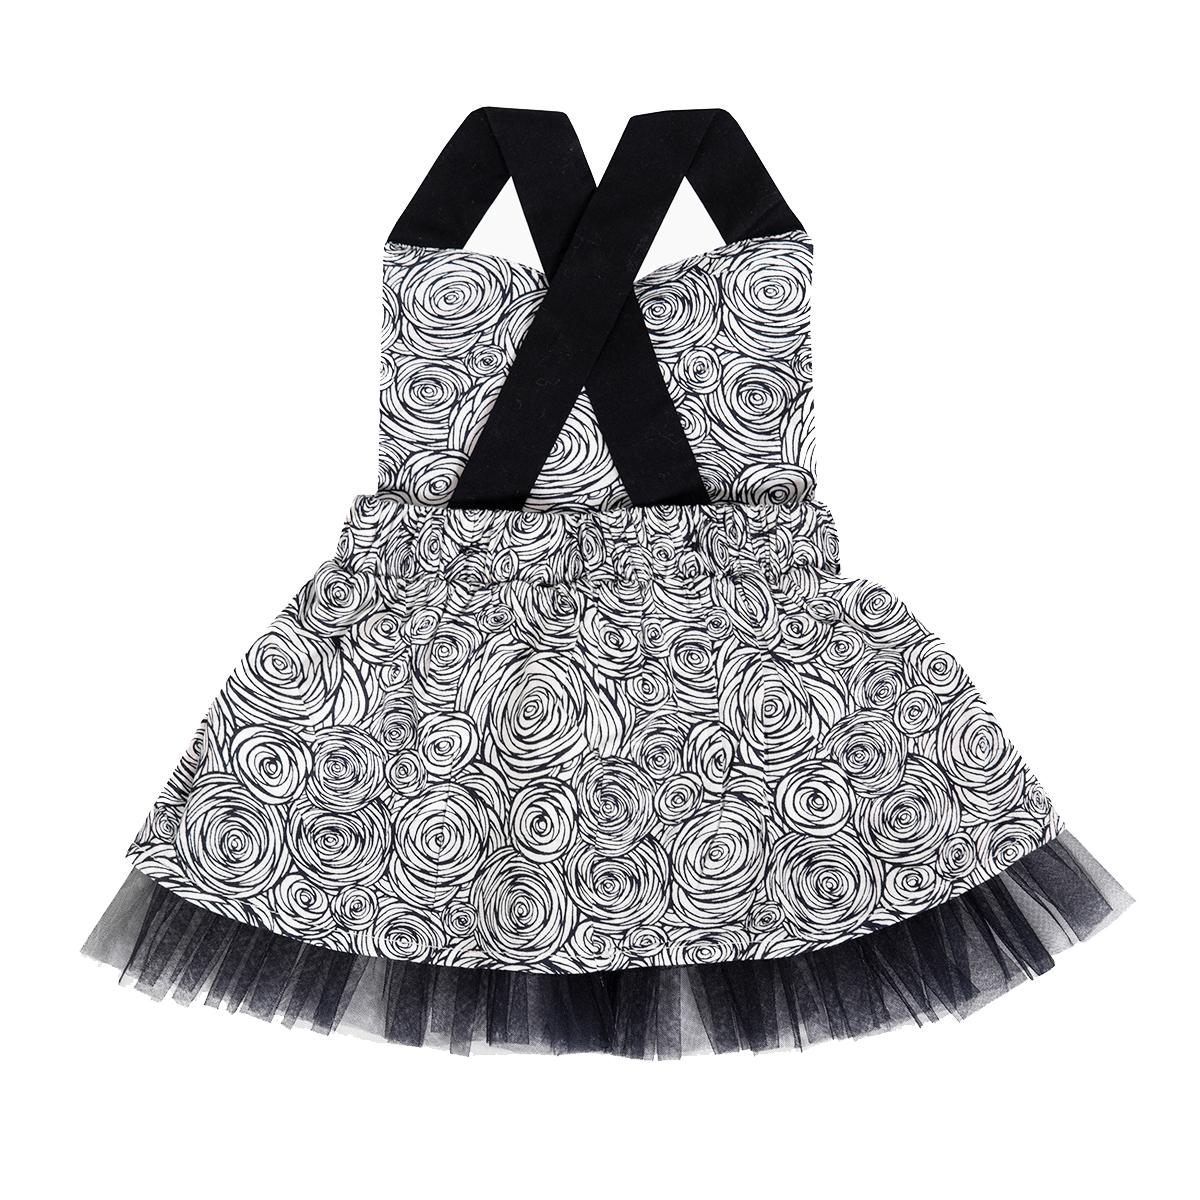 ست 3 تکه لباس نوزادی فیورلا مدل 21026